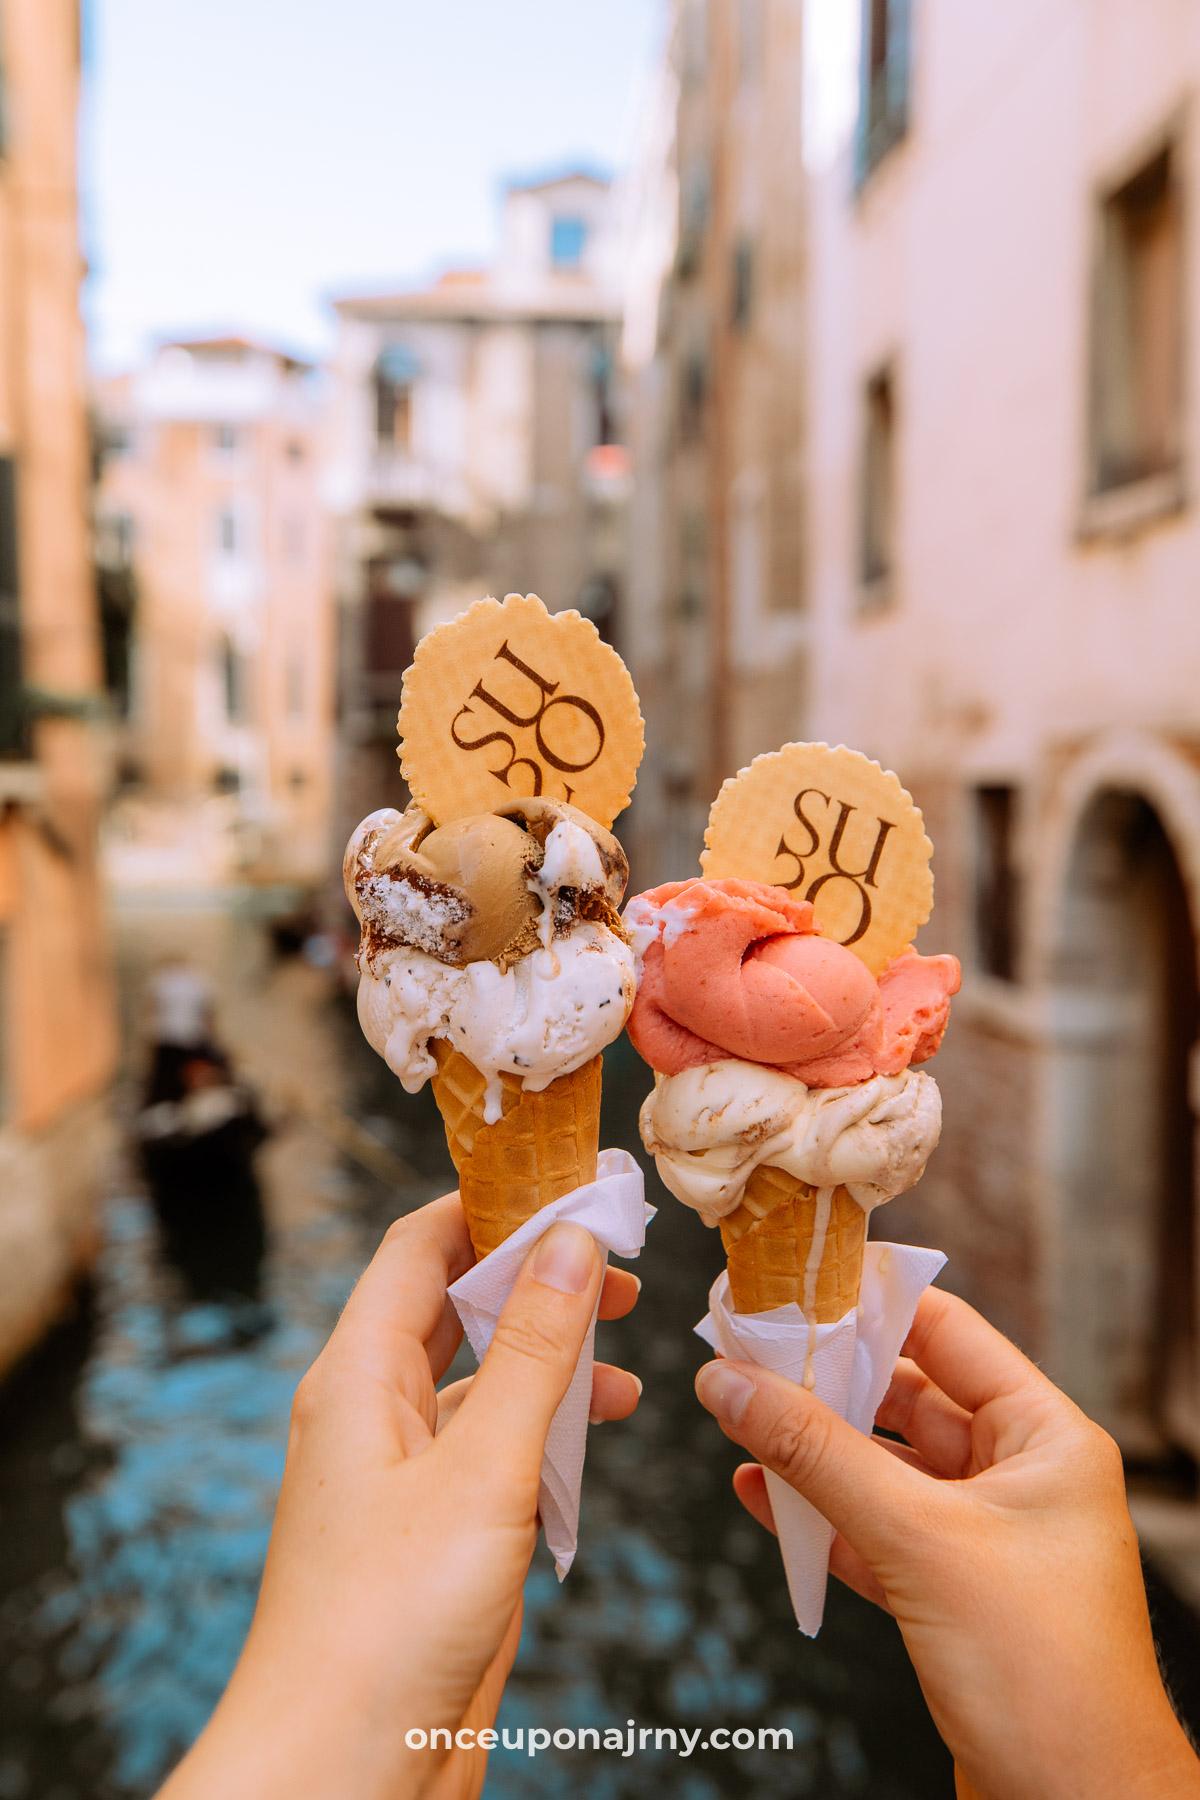 Gelatoteca Suso Venice ice cream